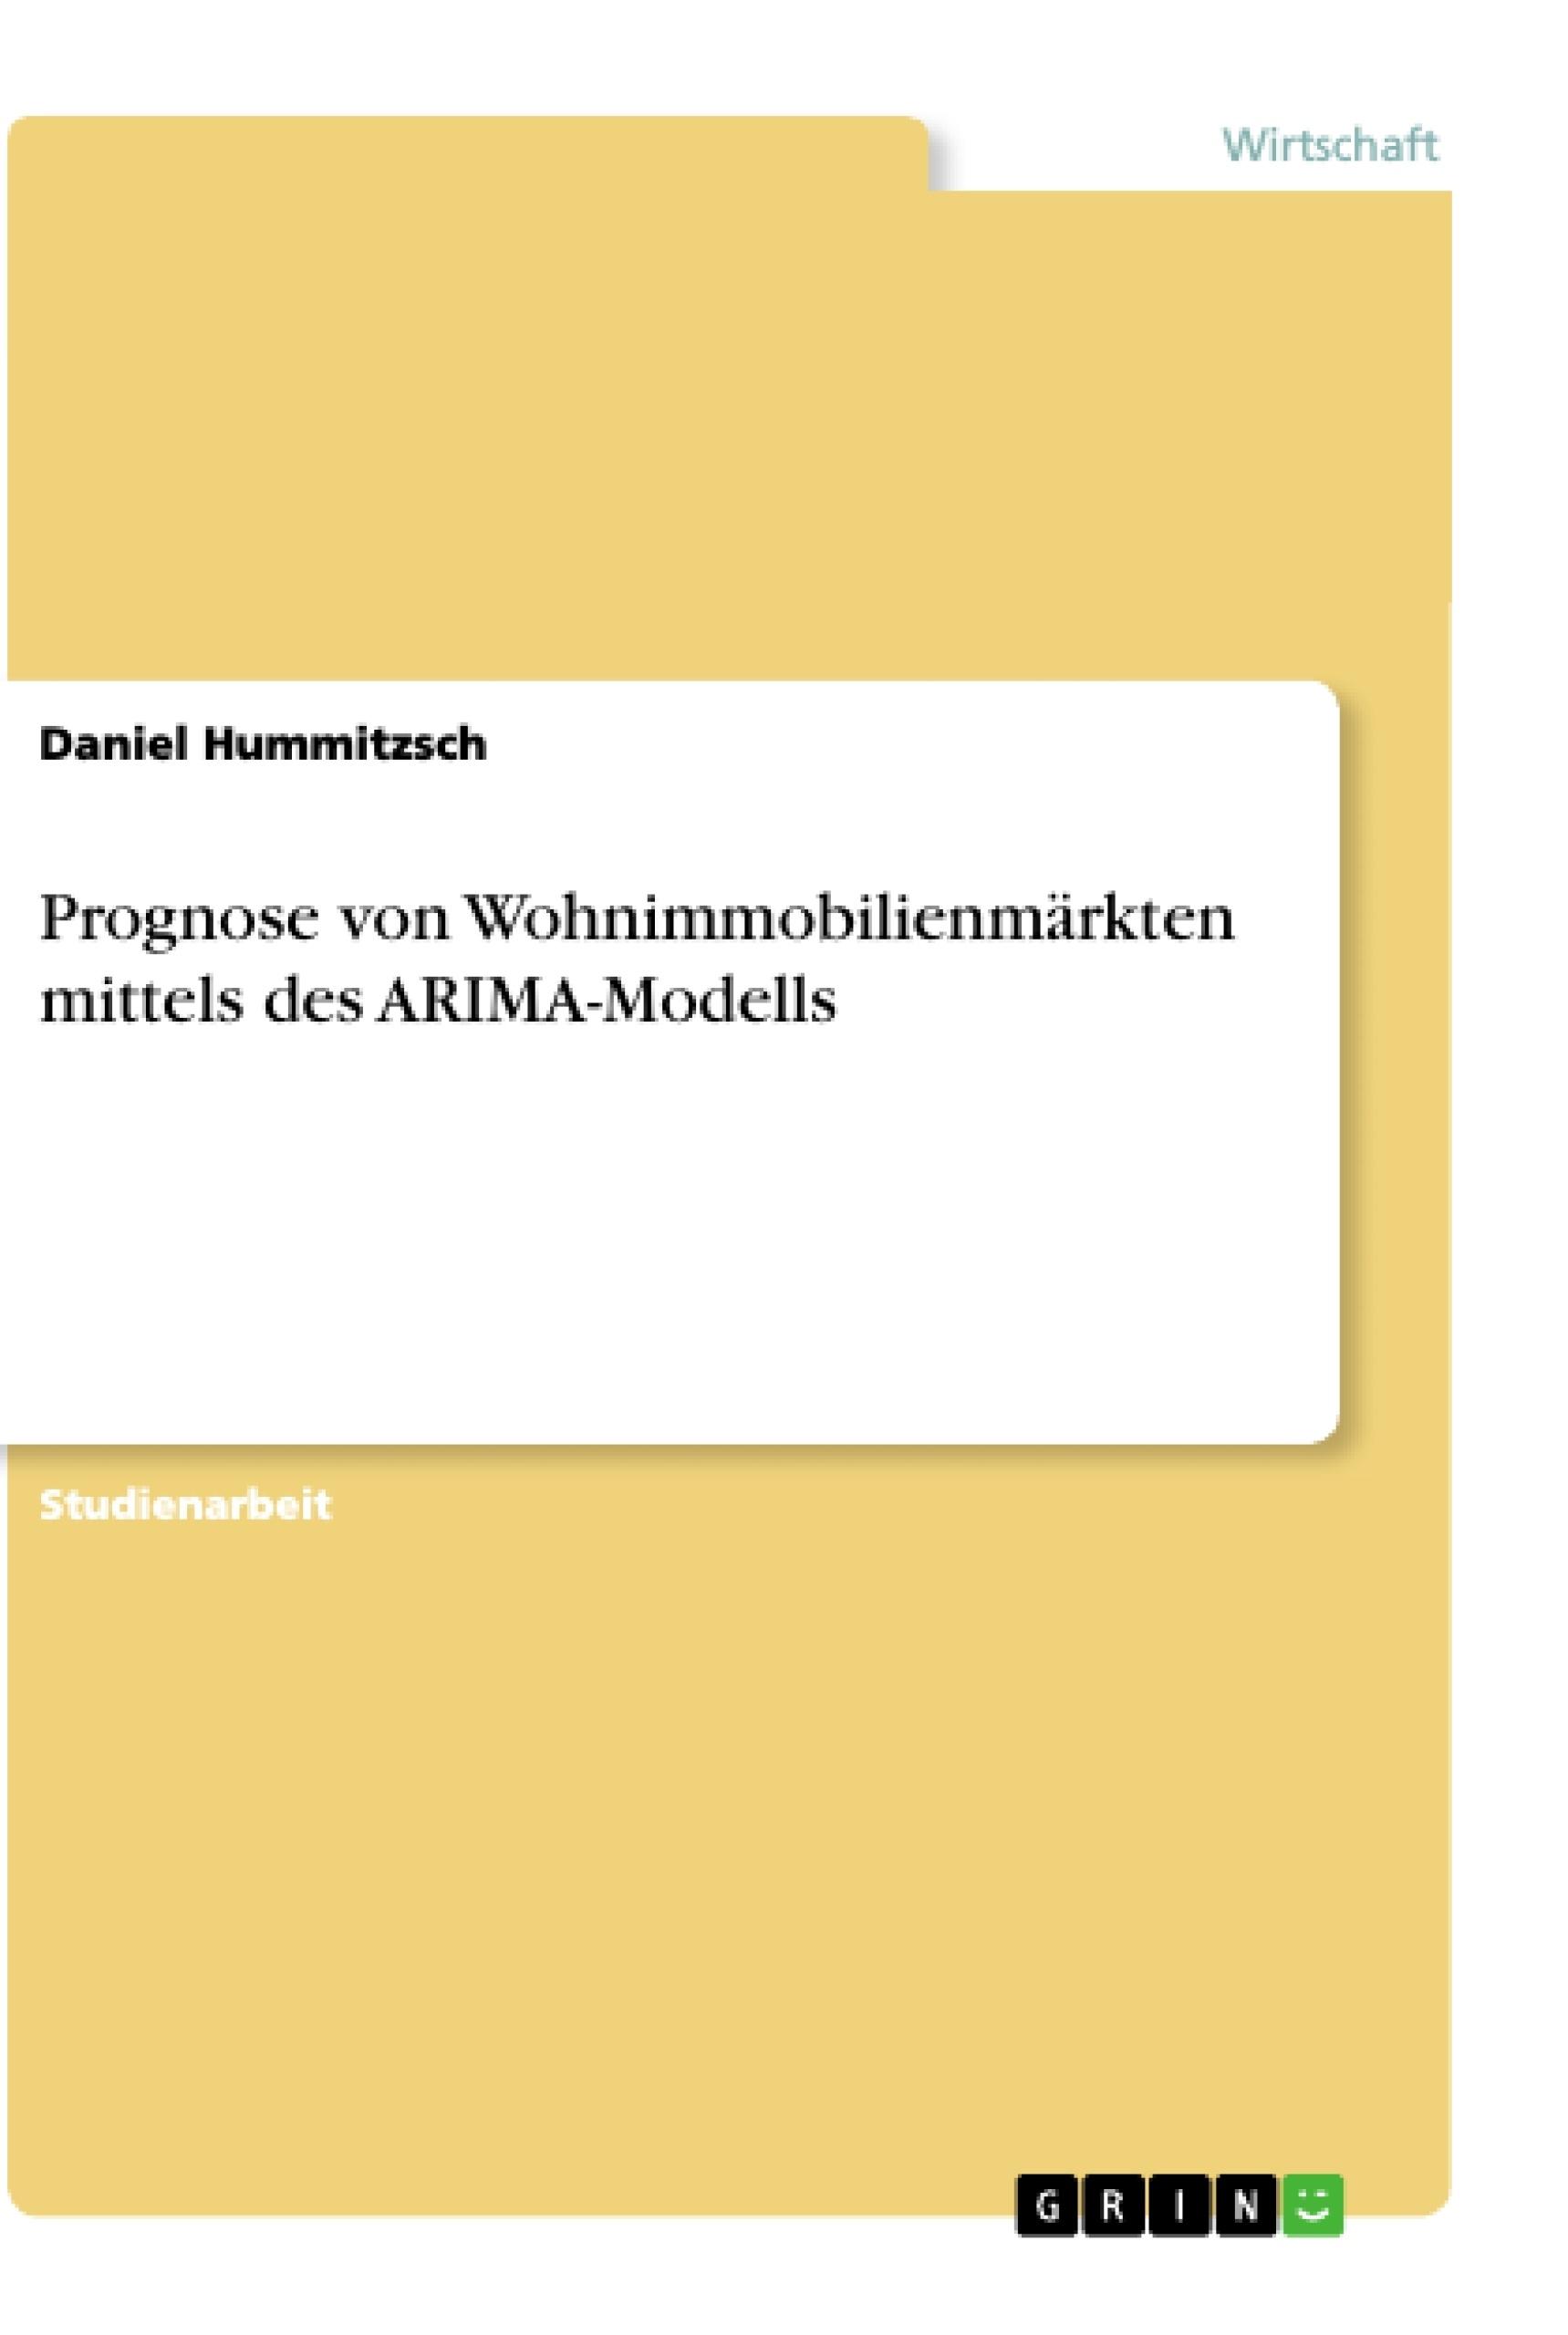 Titel: Prognose von Wohnimmobilienmärkten mittels des ARIMA-Modells